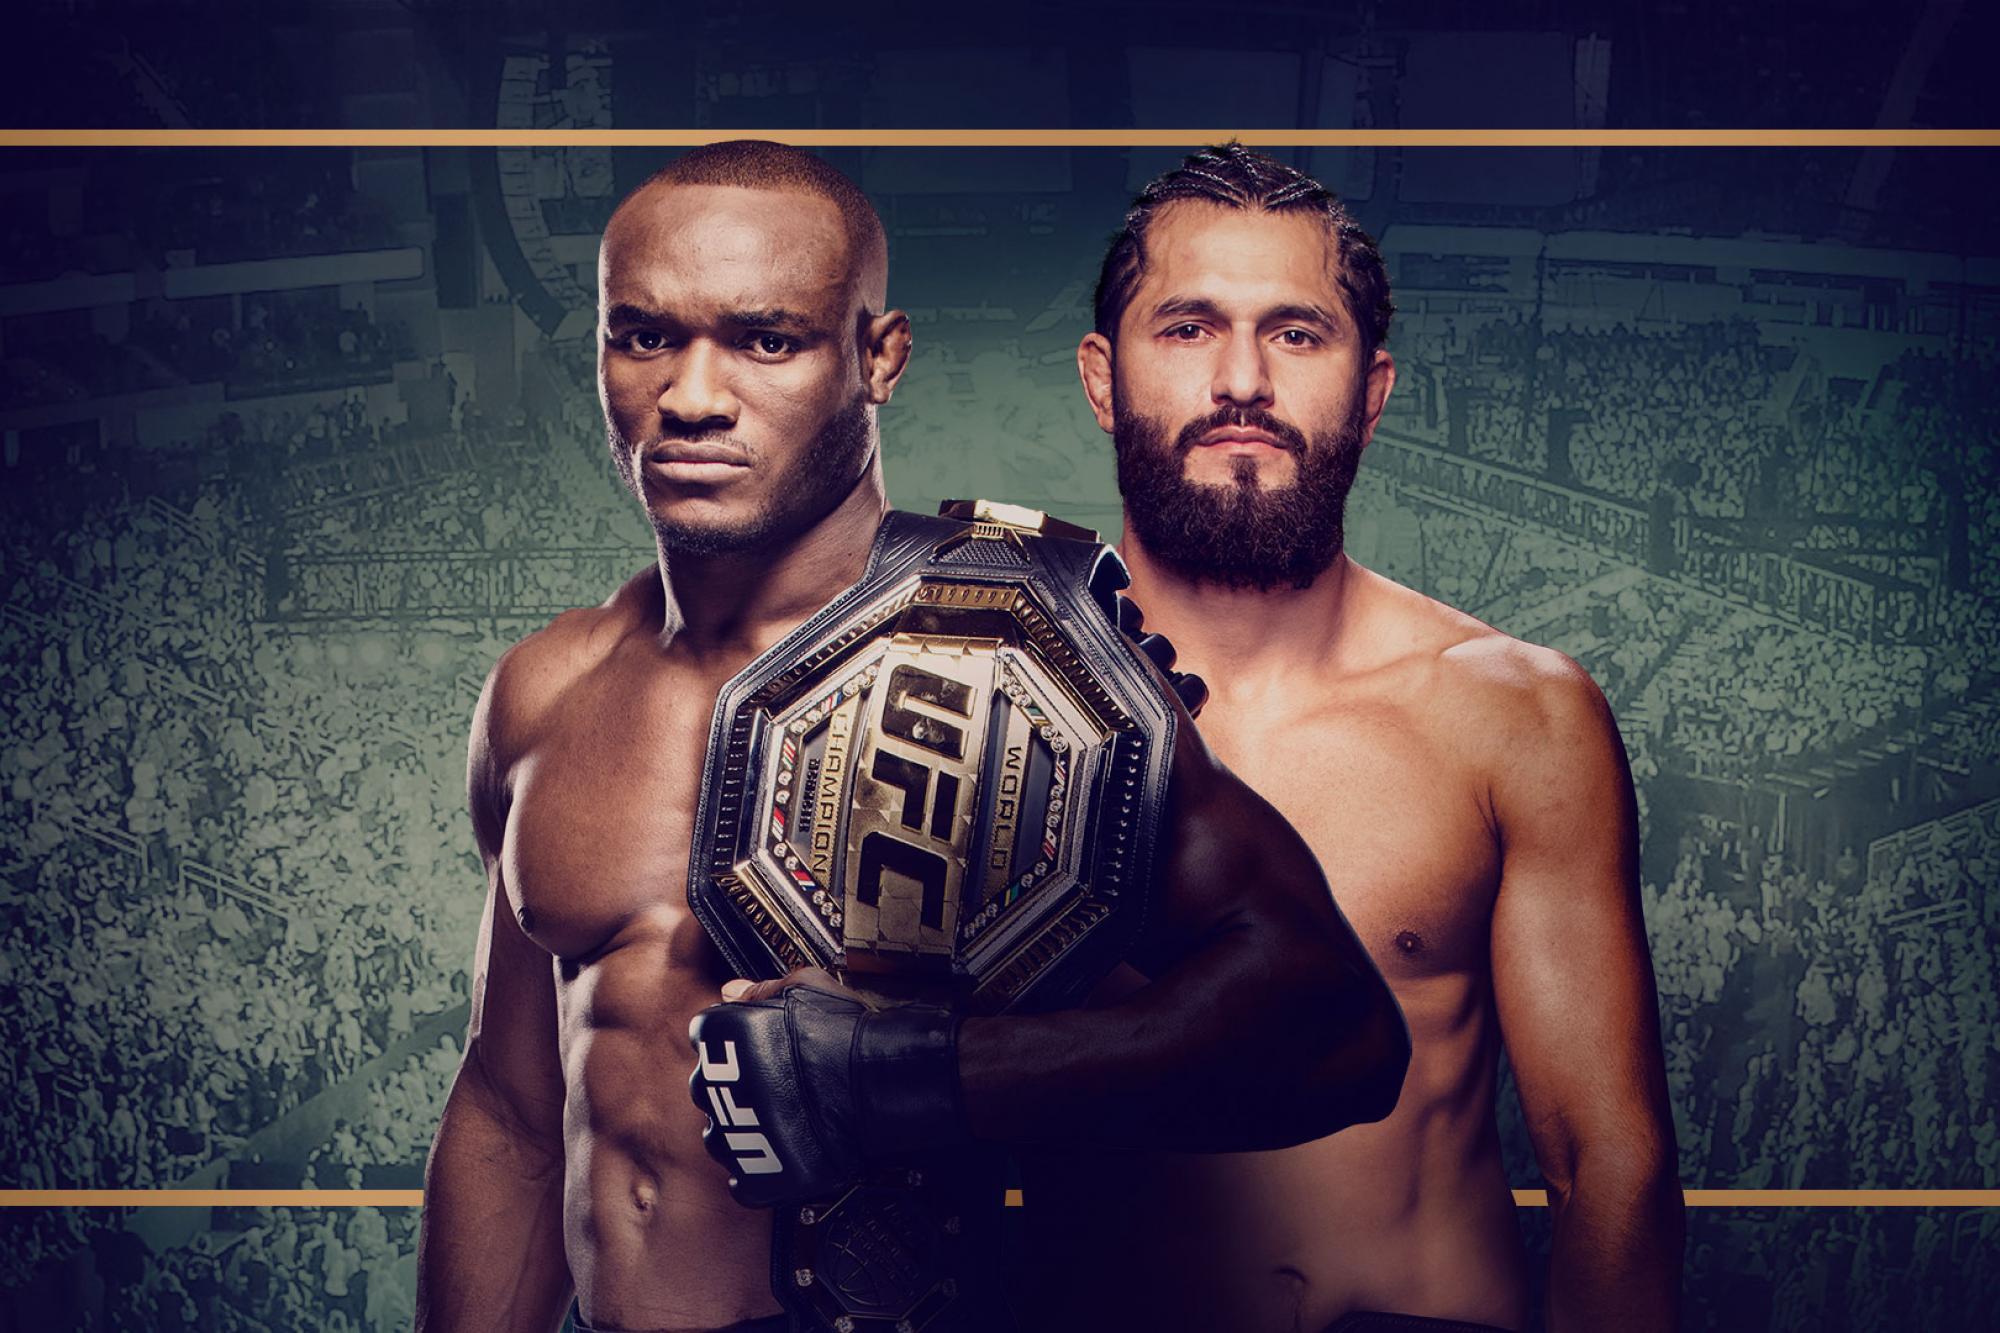 Assistir UFC 261 - Usman x Masvidal ao vivo online 24/04/2021